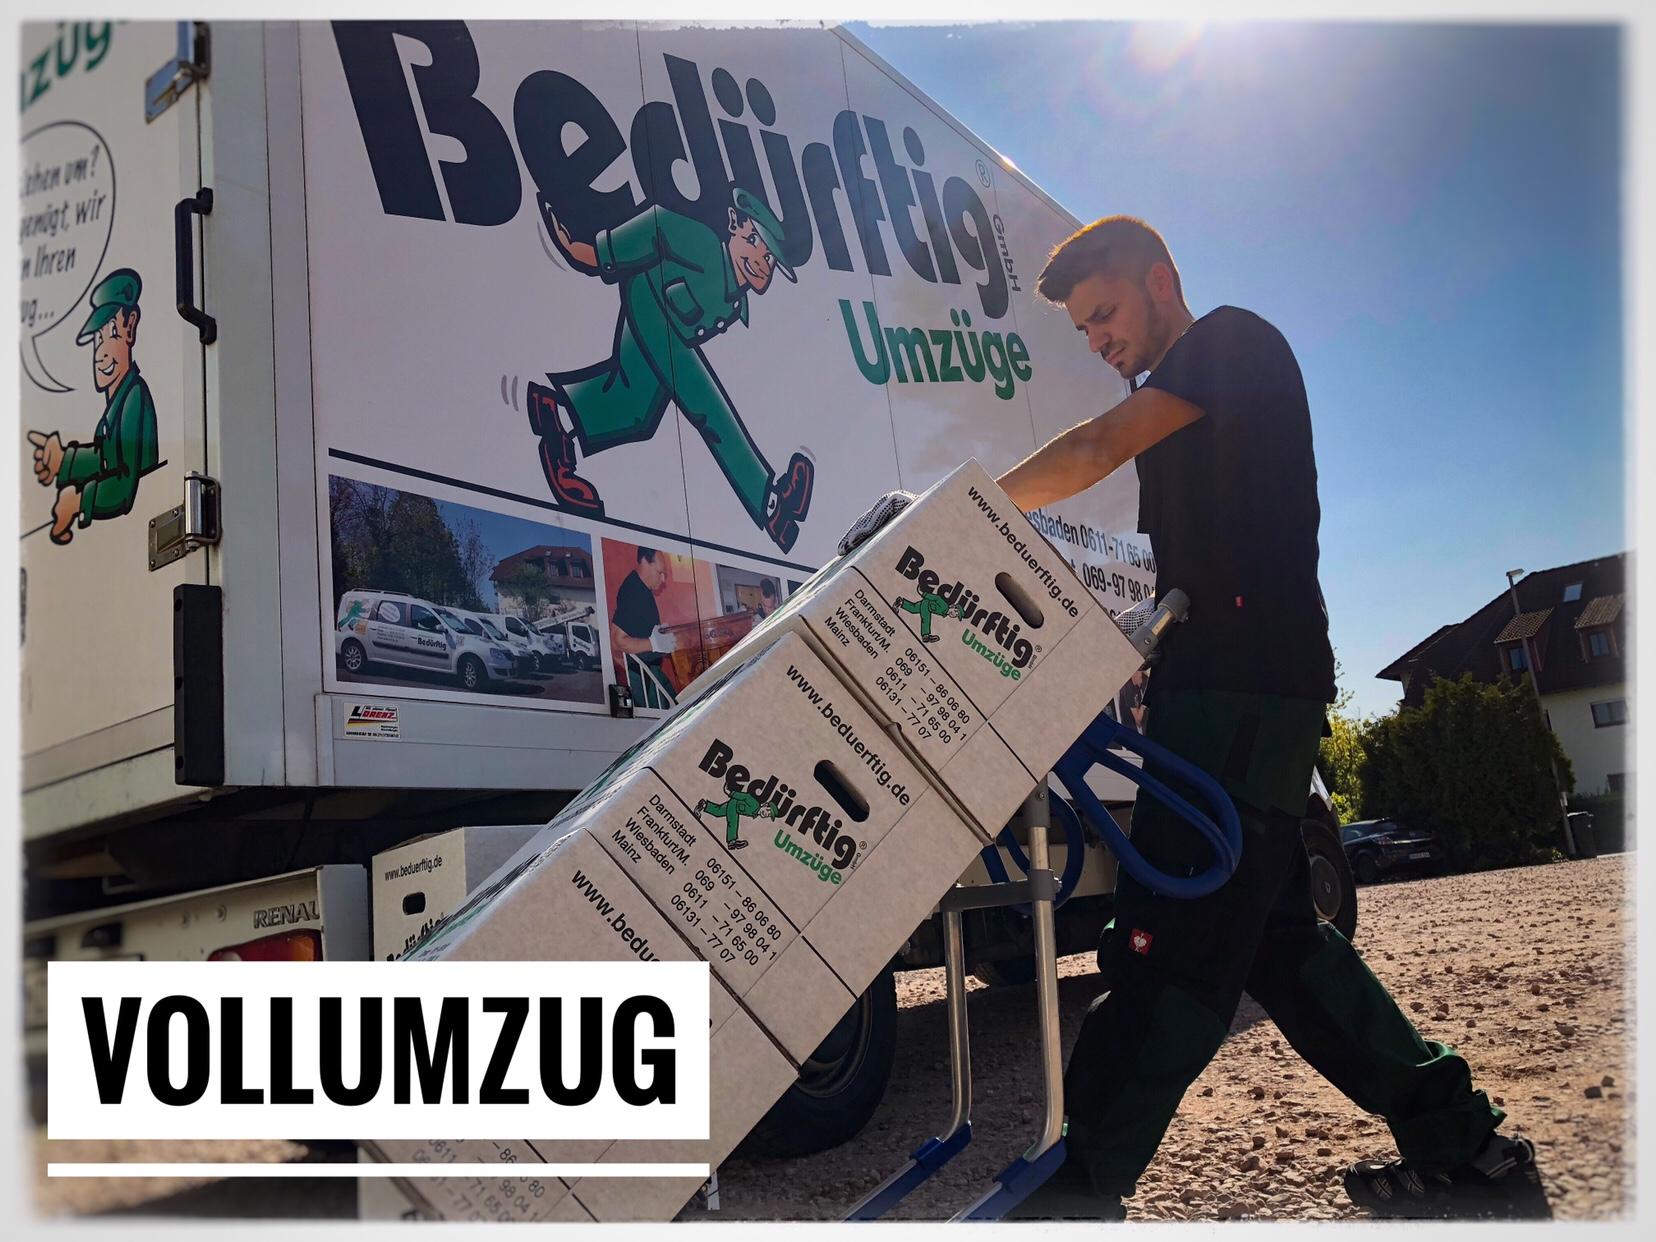 Side By Side Kühlschrank Frankfurt : Blog unseres umzugunternehmens in wiesbaden bedürftig gmbh